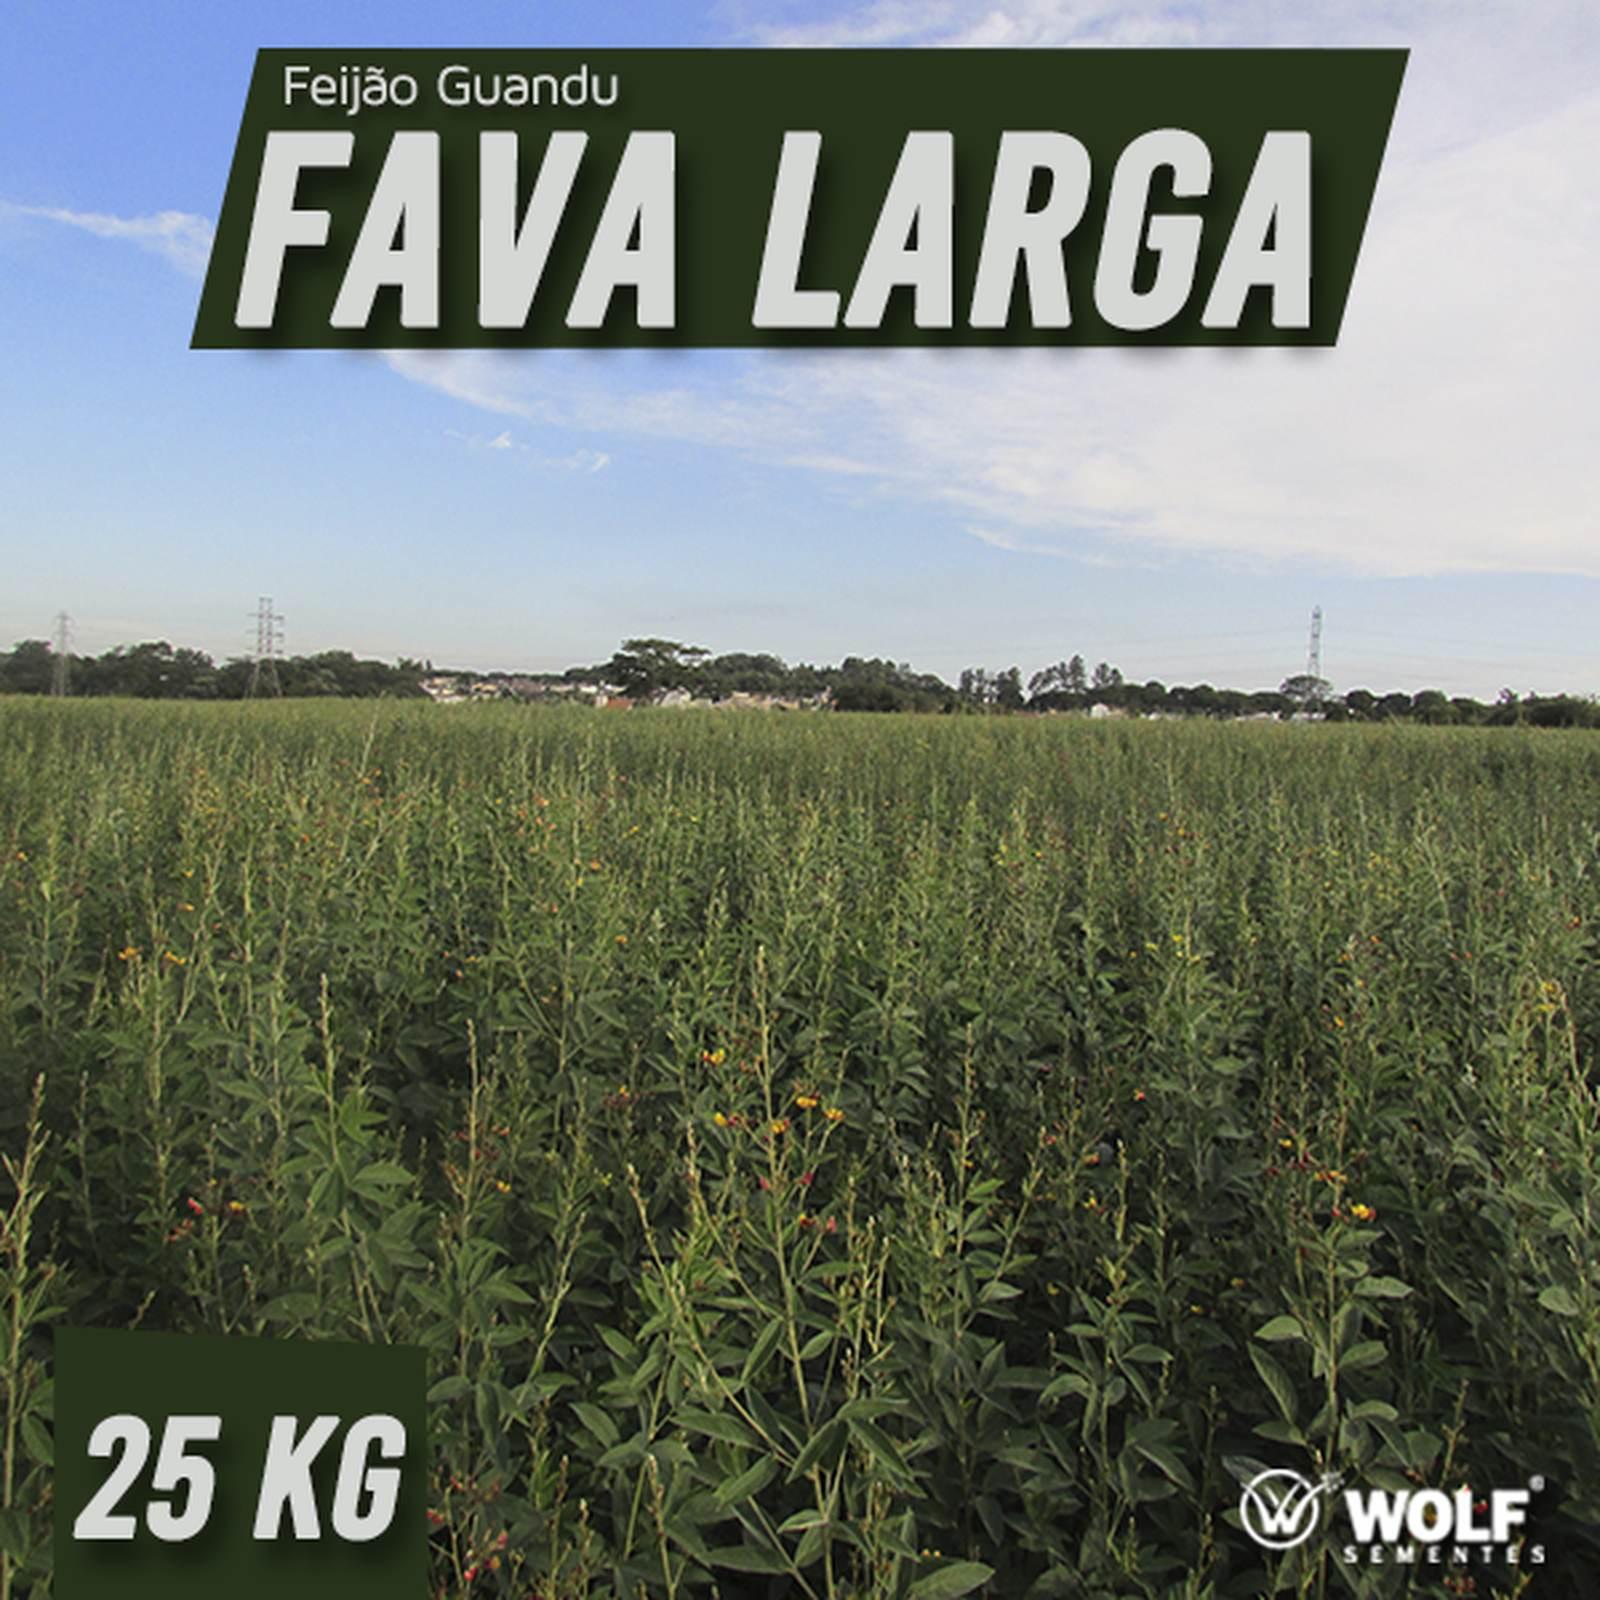 Sementes para Capim Feijão Guandu FAVA LARGA (Saco de 25kg)